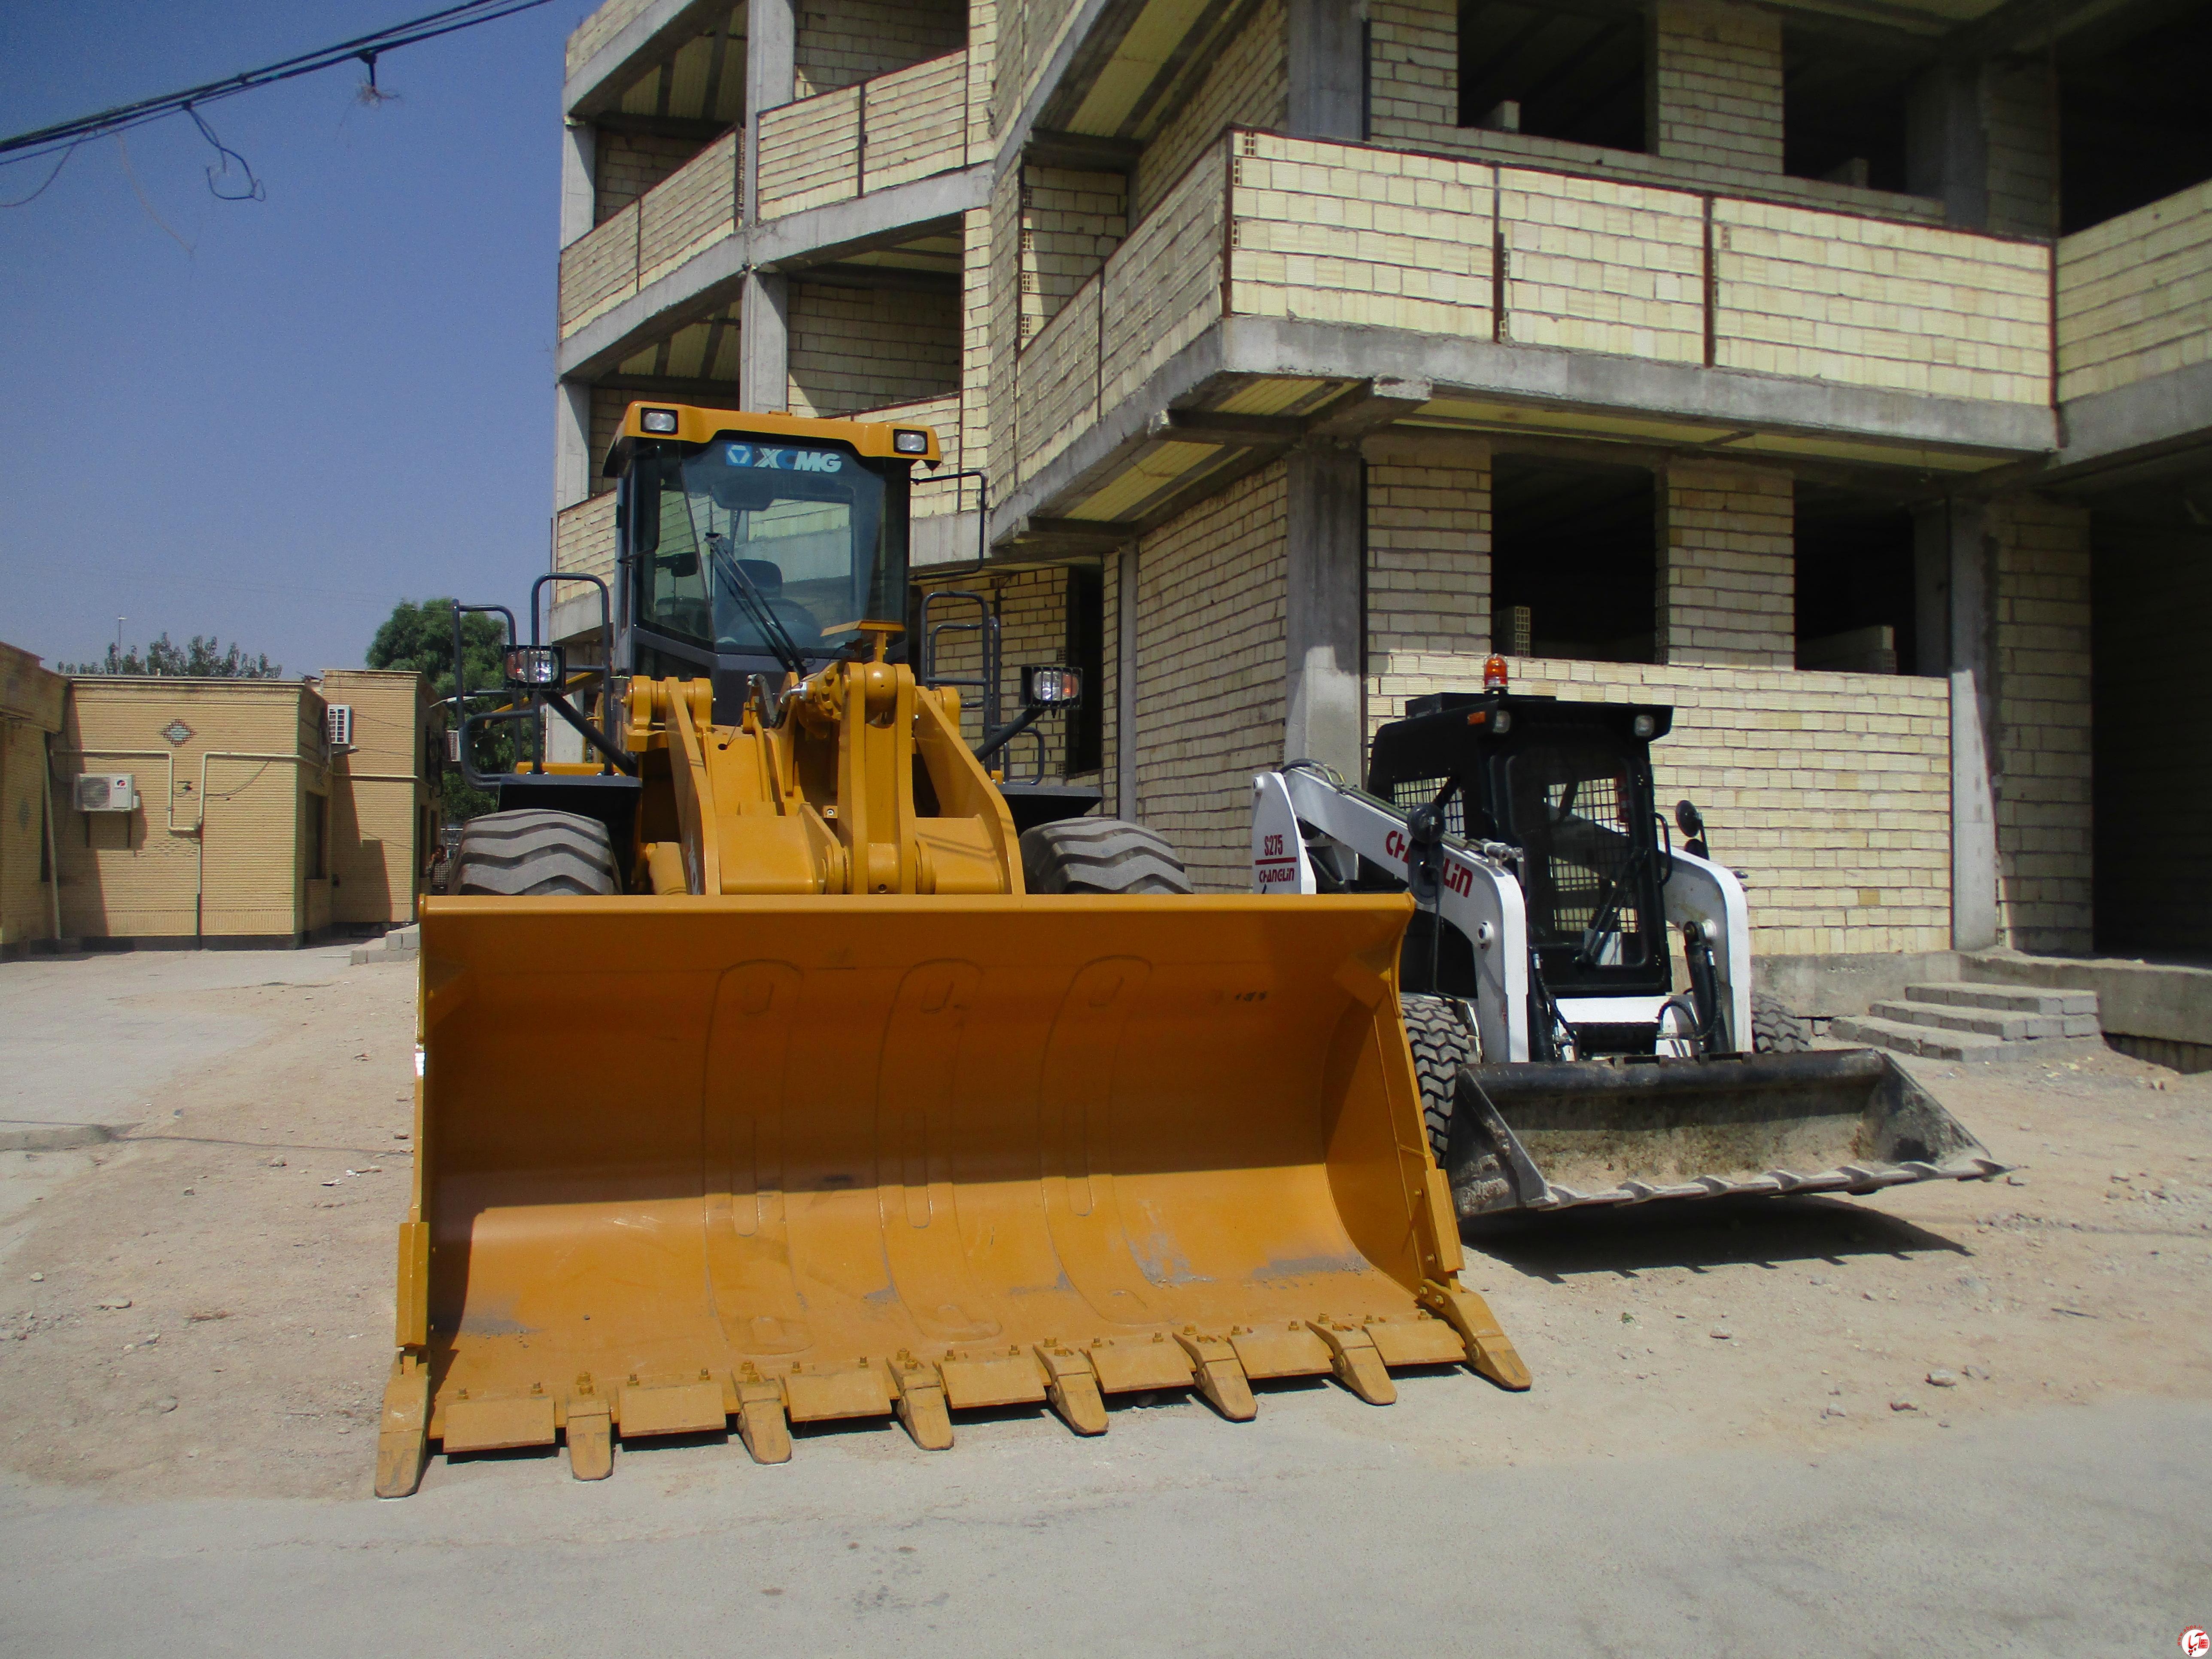 اضاف شدن یک دستگاه لودر zl50 و یک دستگاه مینی لودر به ناوگان شهرداری فیروزآباد